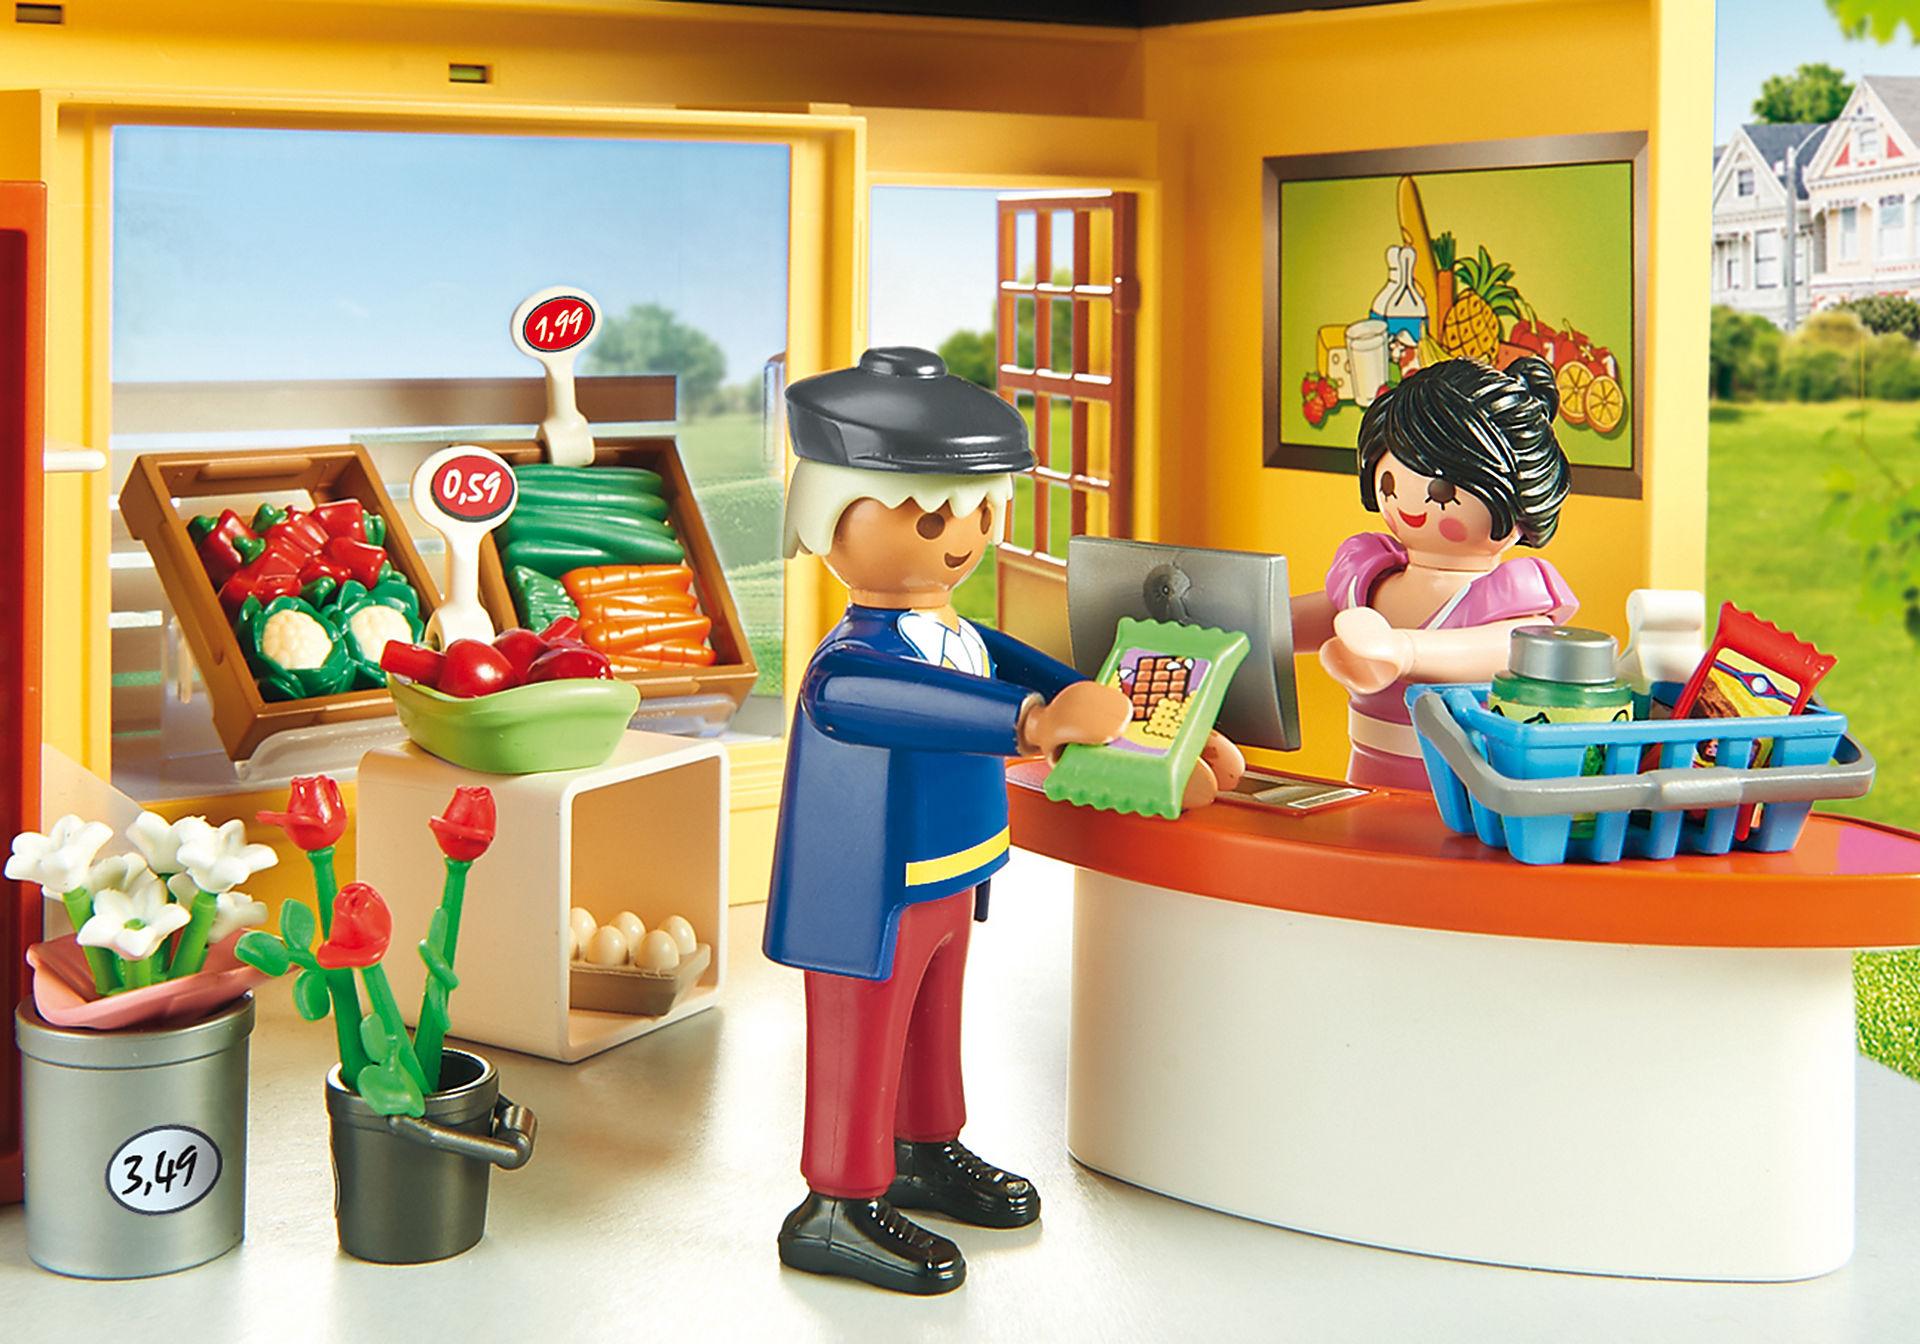 70375 Mi Supermercado zoom image4